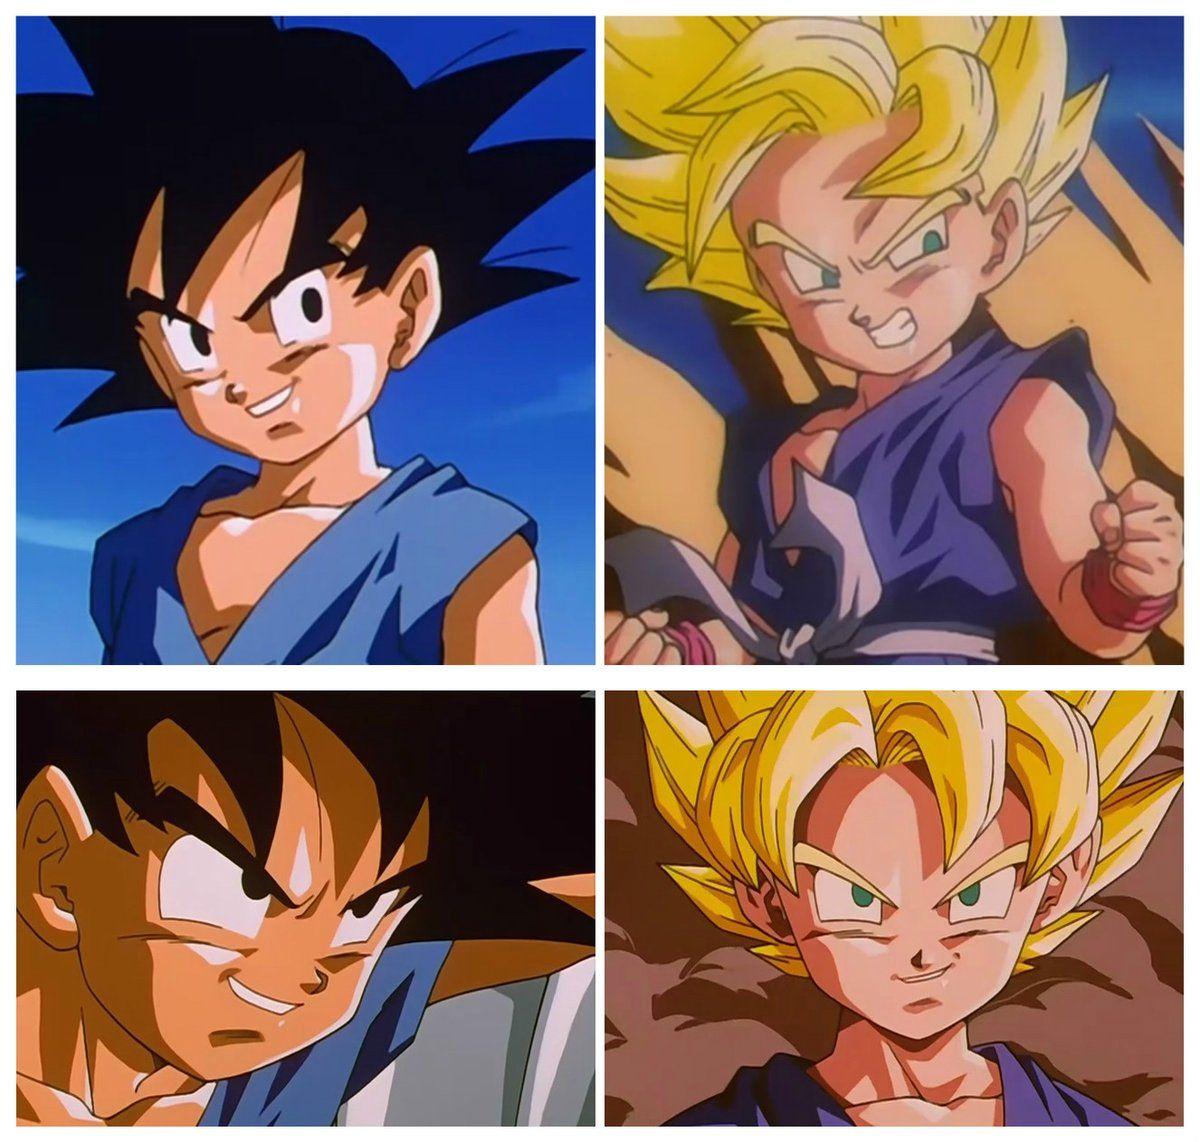 Goku San (@GokuSan32625200) | Twitter